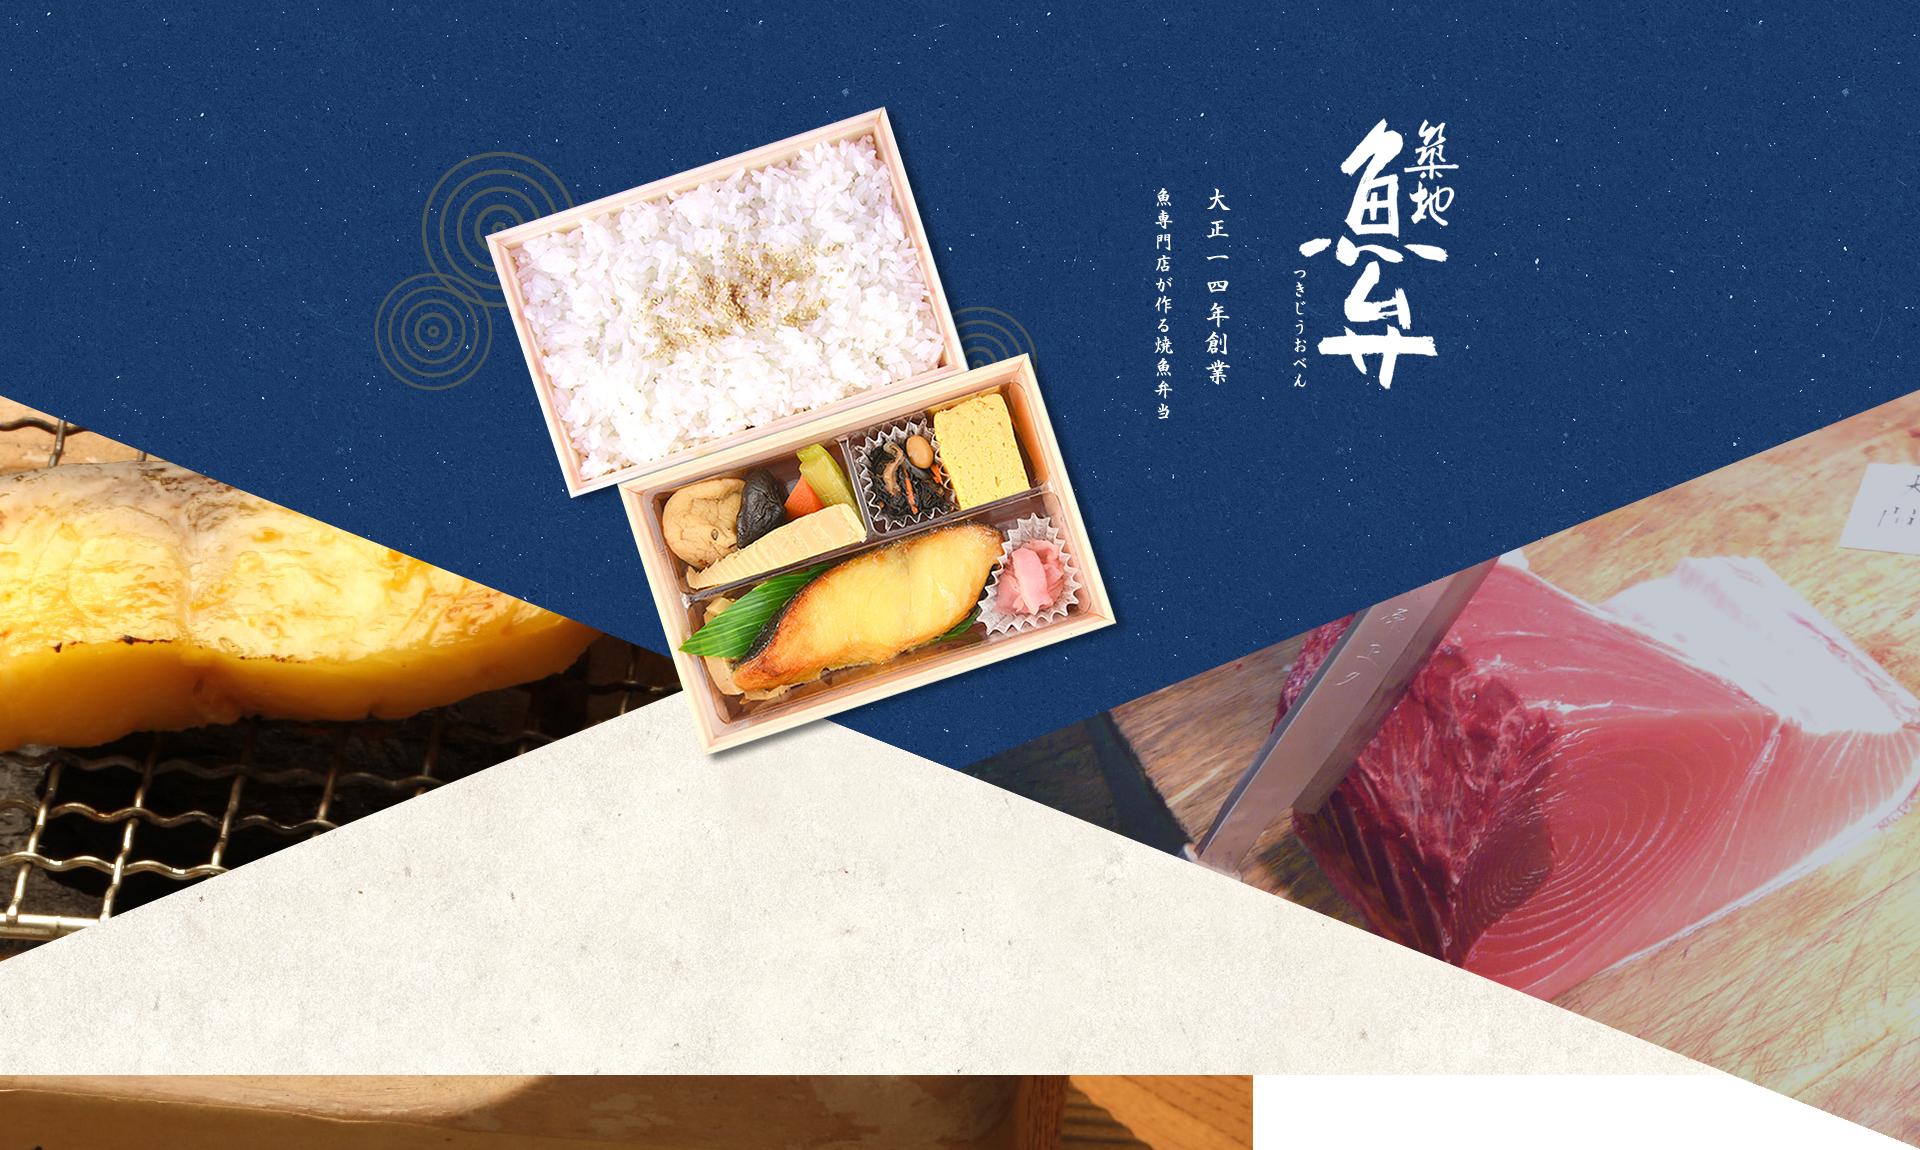 築地魚弁 つきじうおべん 大正14年創業 魚専門店が作る焼魚弁当